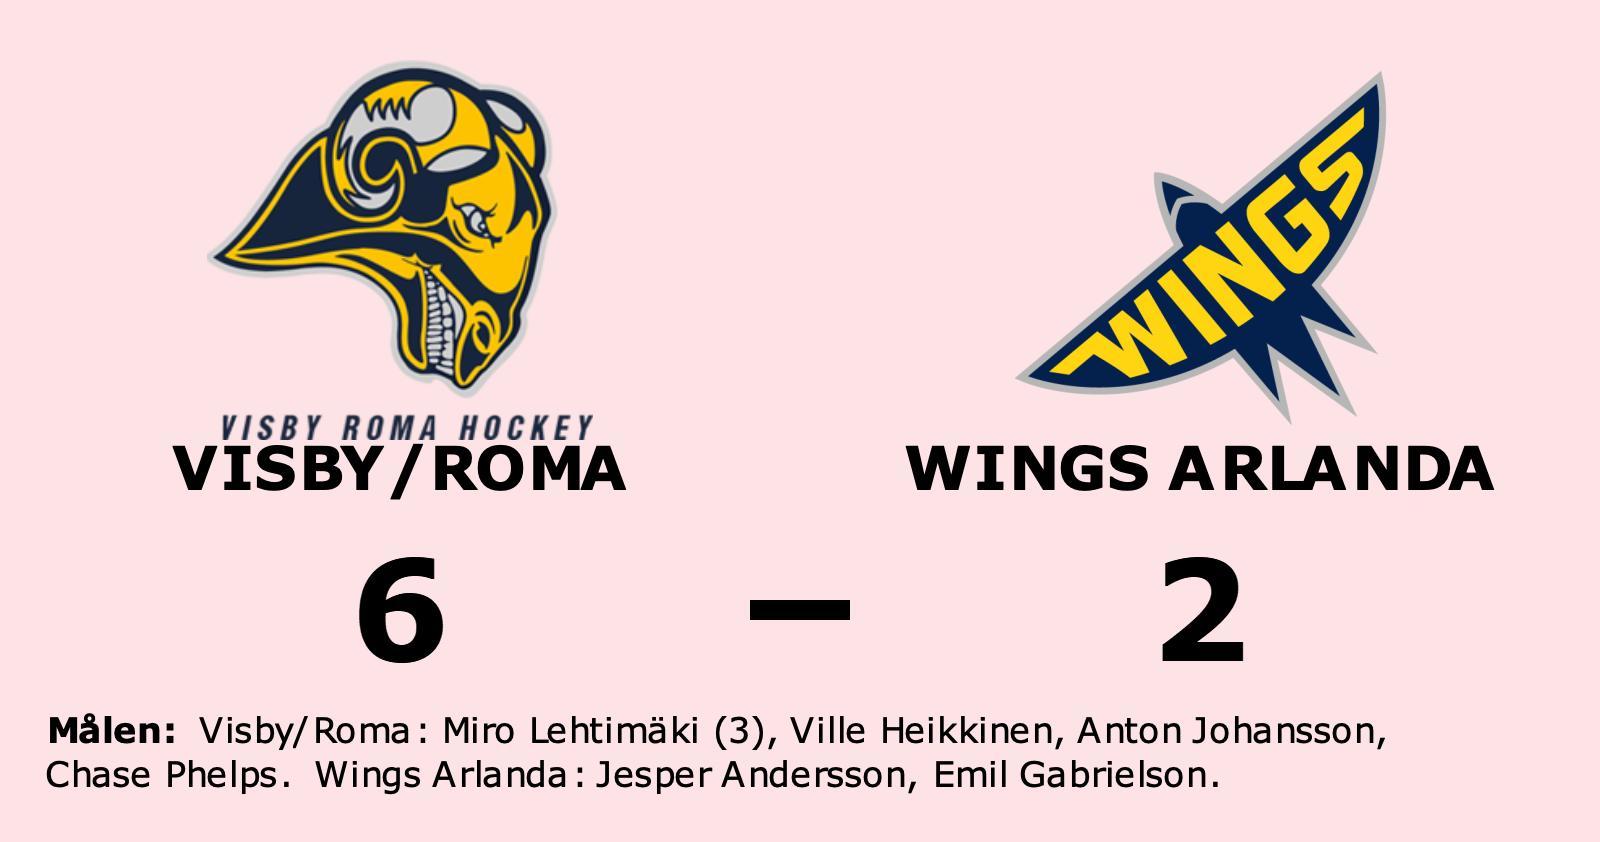 Förlust för Wings Arlanda borta mot Visby/Roma